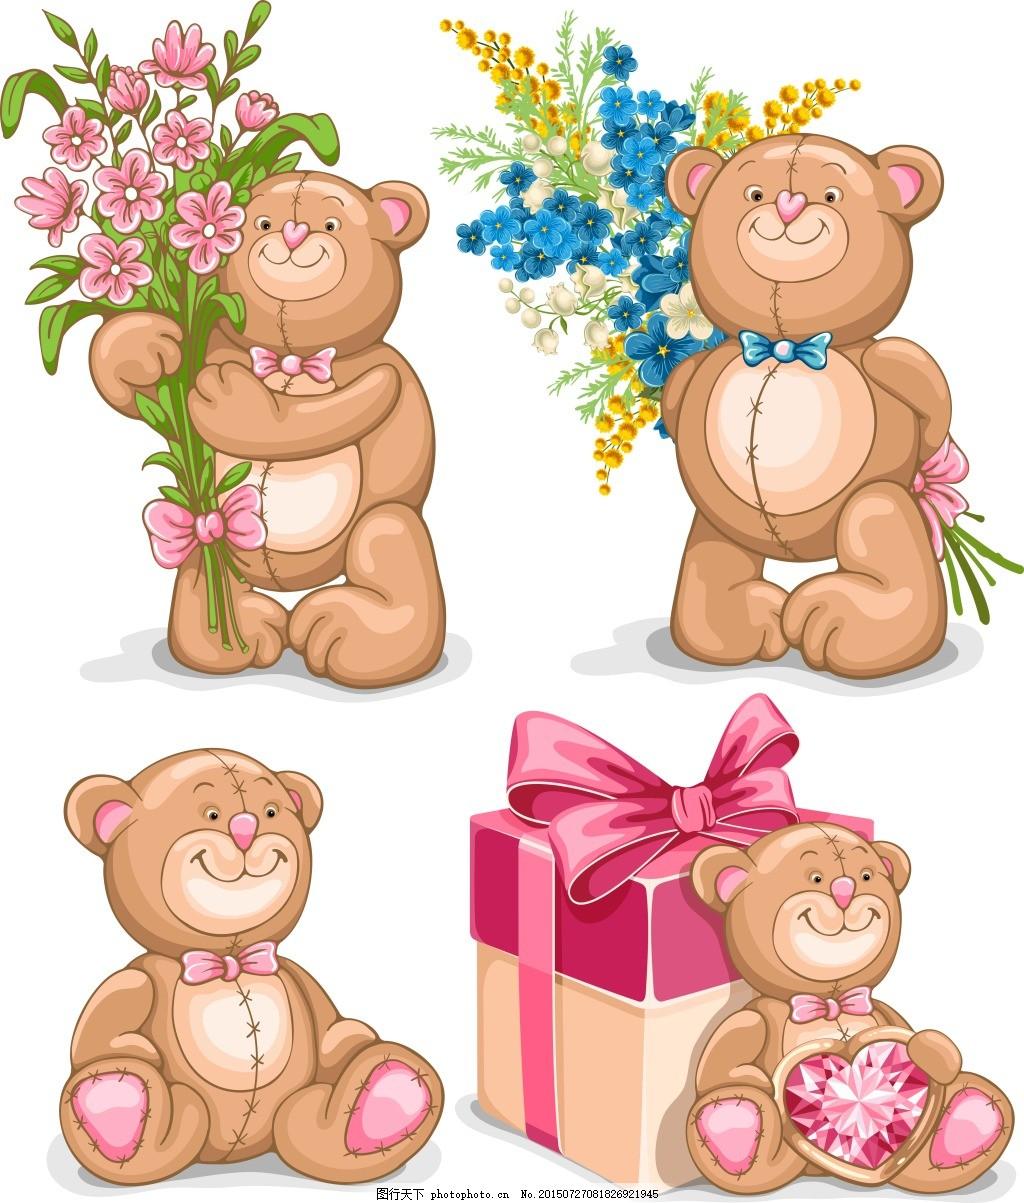 可爱的小熊 可爱 卡通 小熊 动物 ai 白色 ai